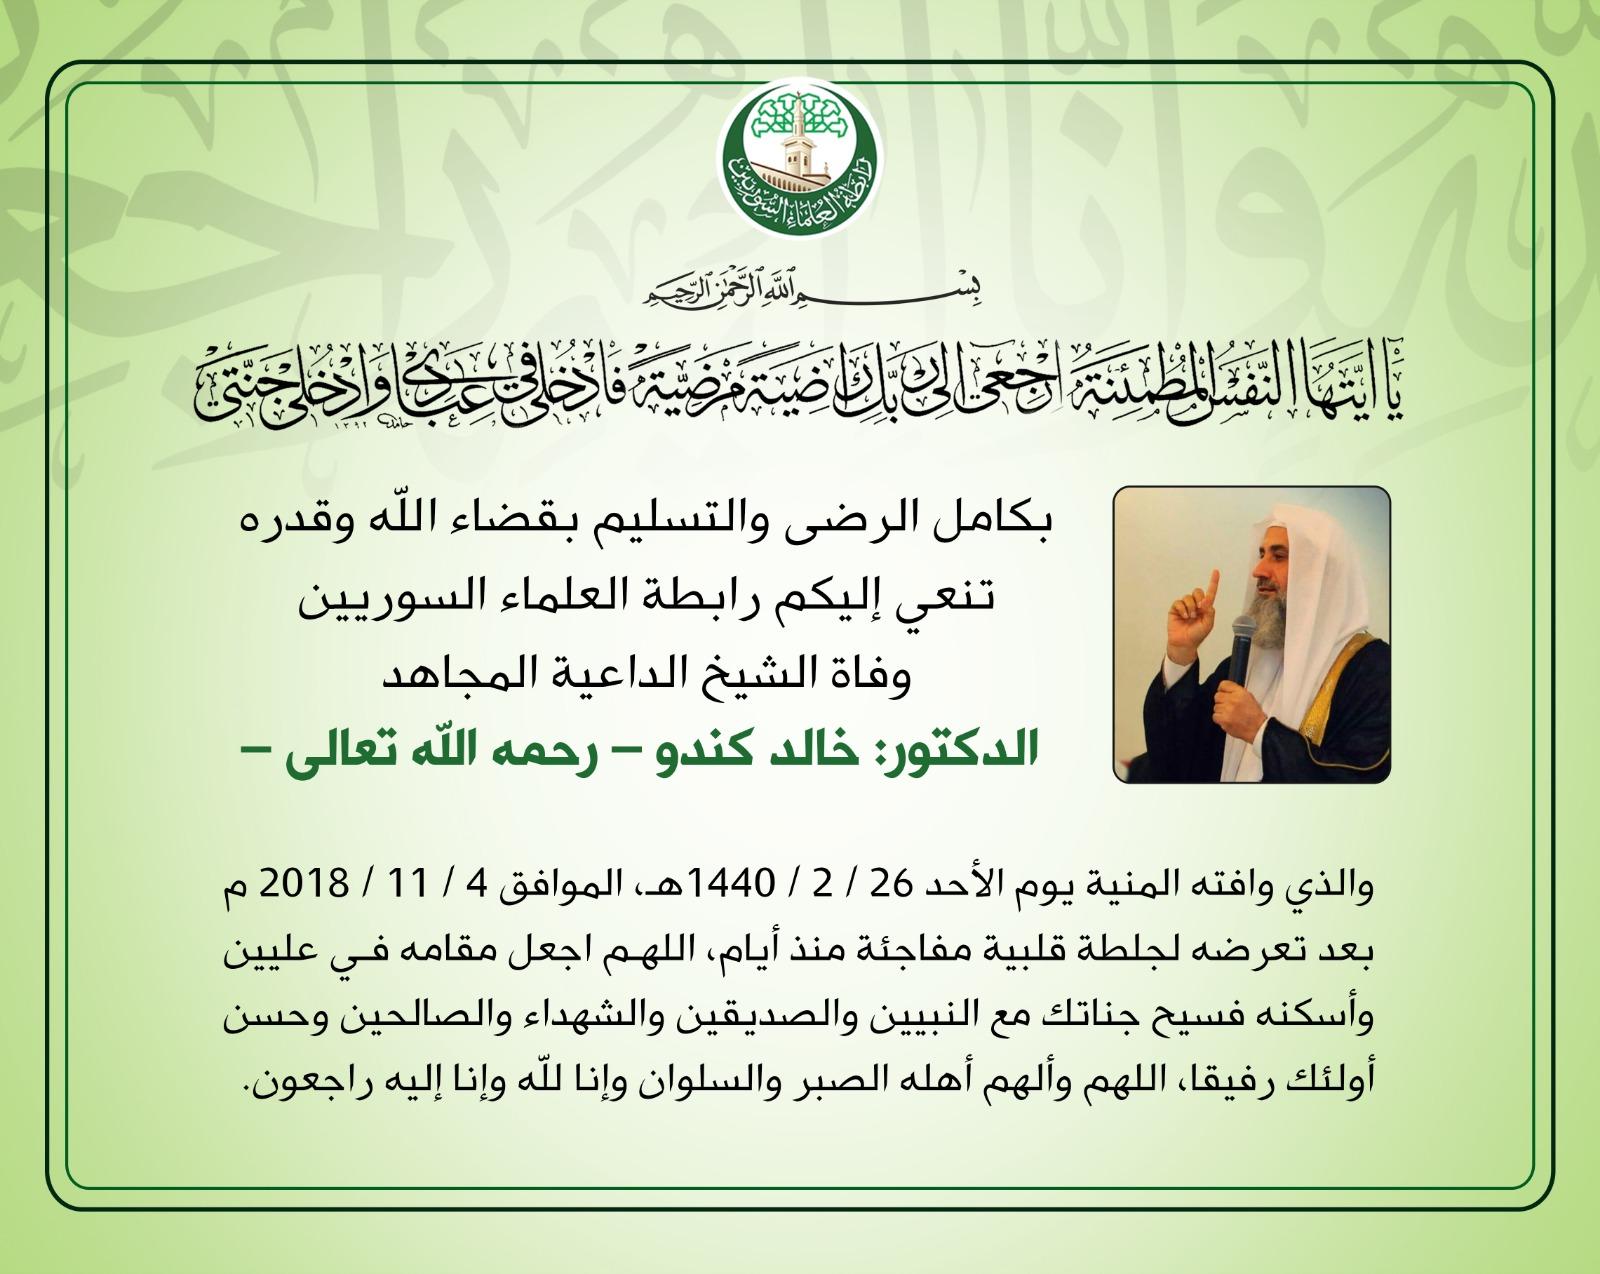 تعزية رابطة العلماء السوريين بوفاة الداعية المجاهد الشيخ